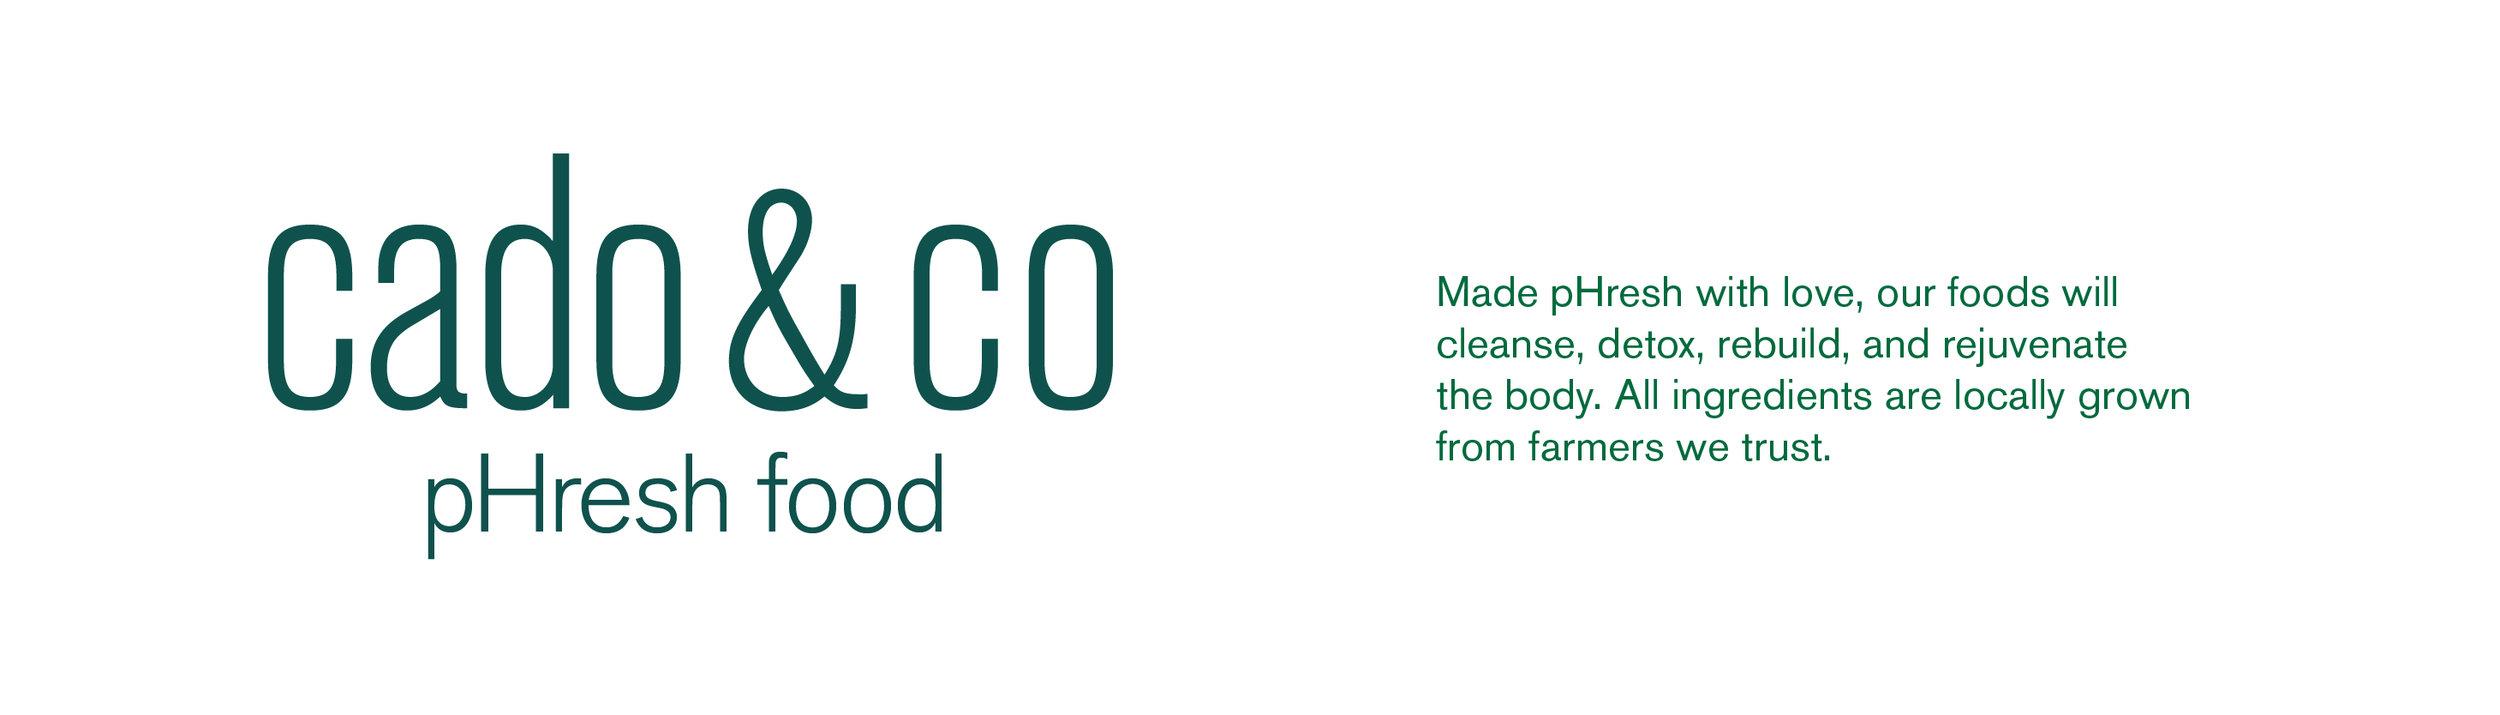 Cado&Co Logo2.jpg